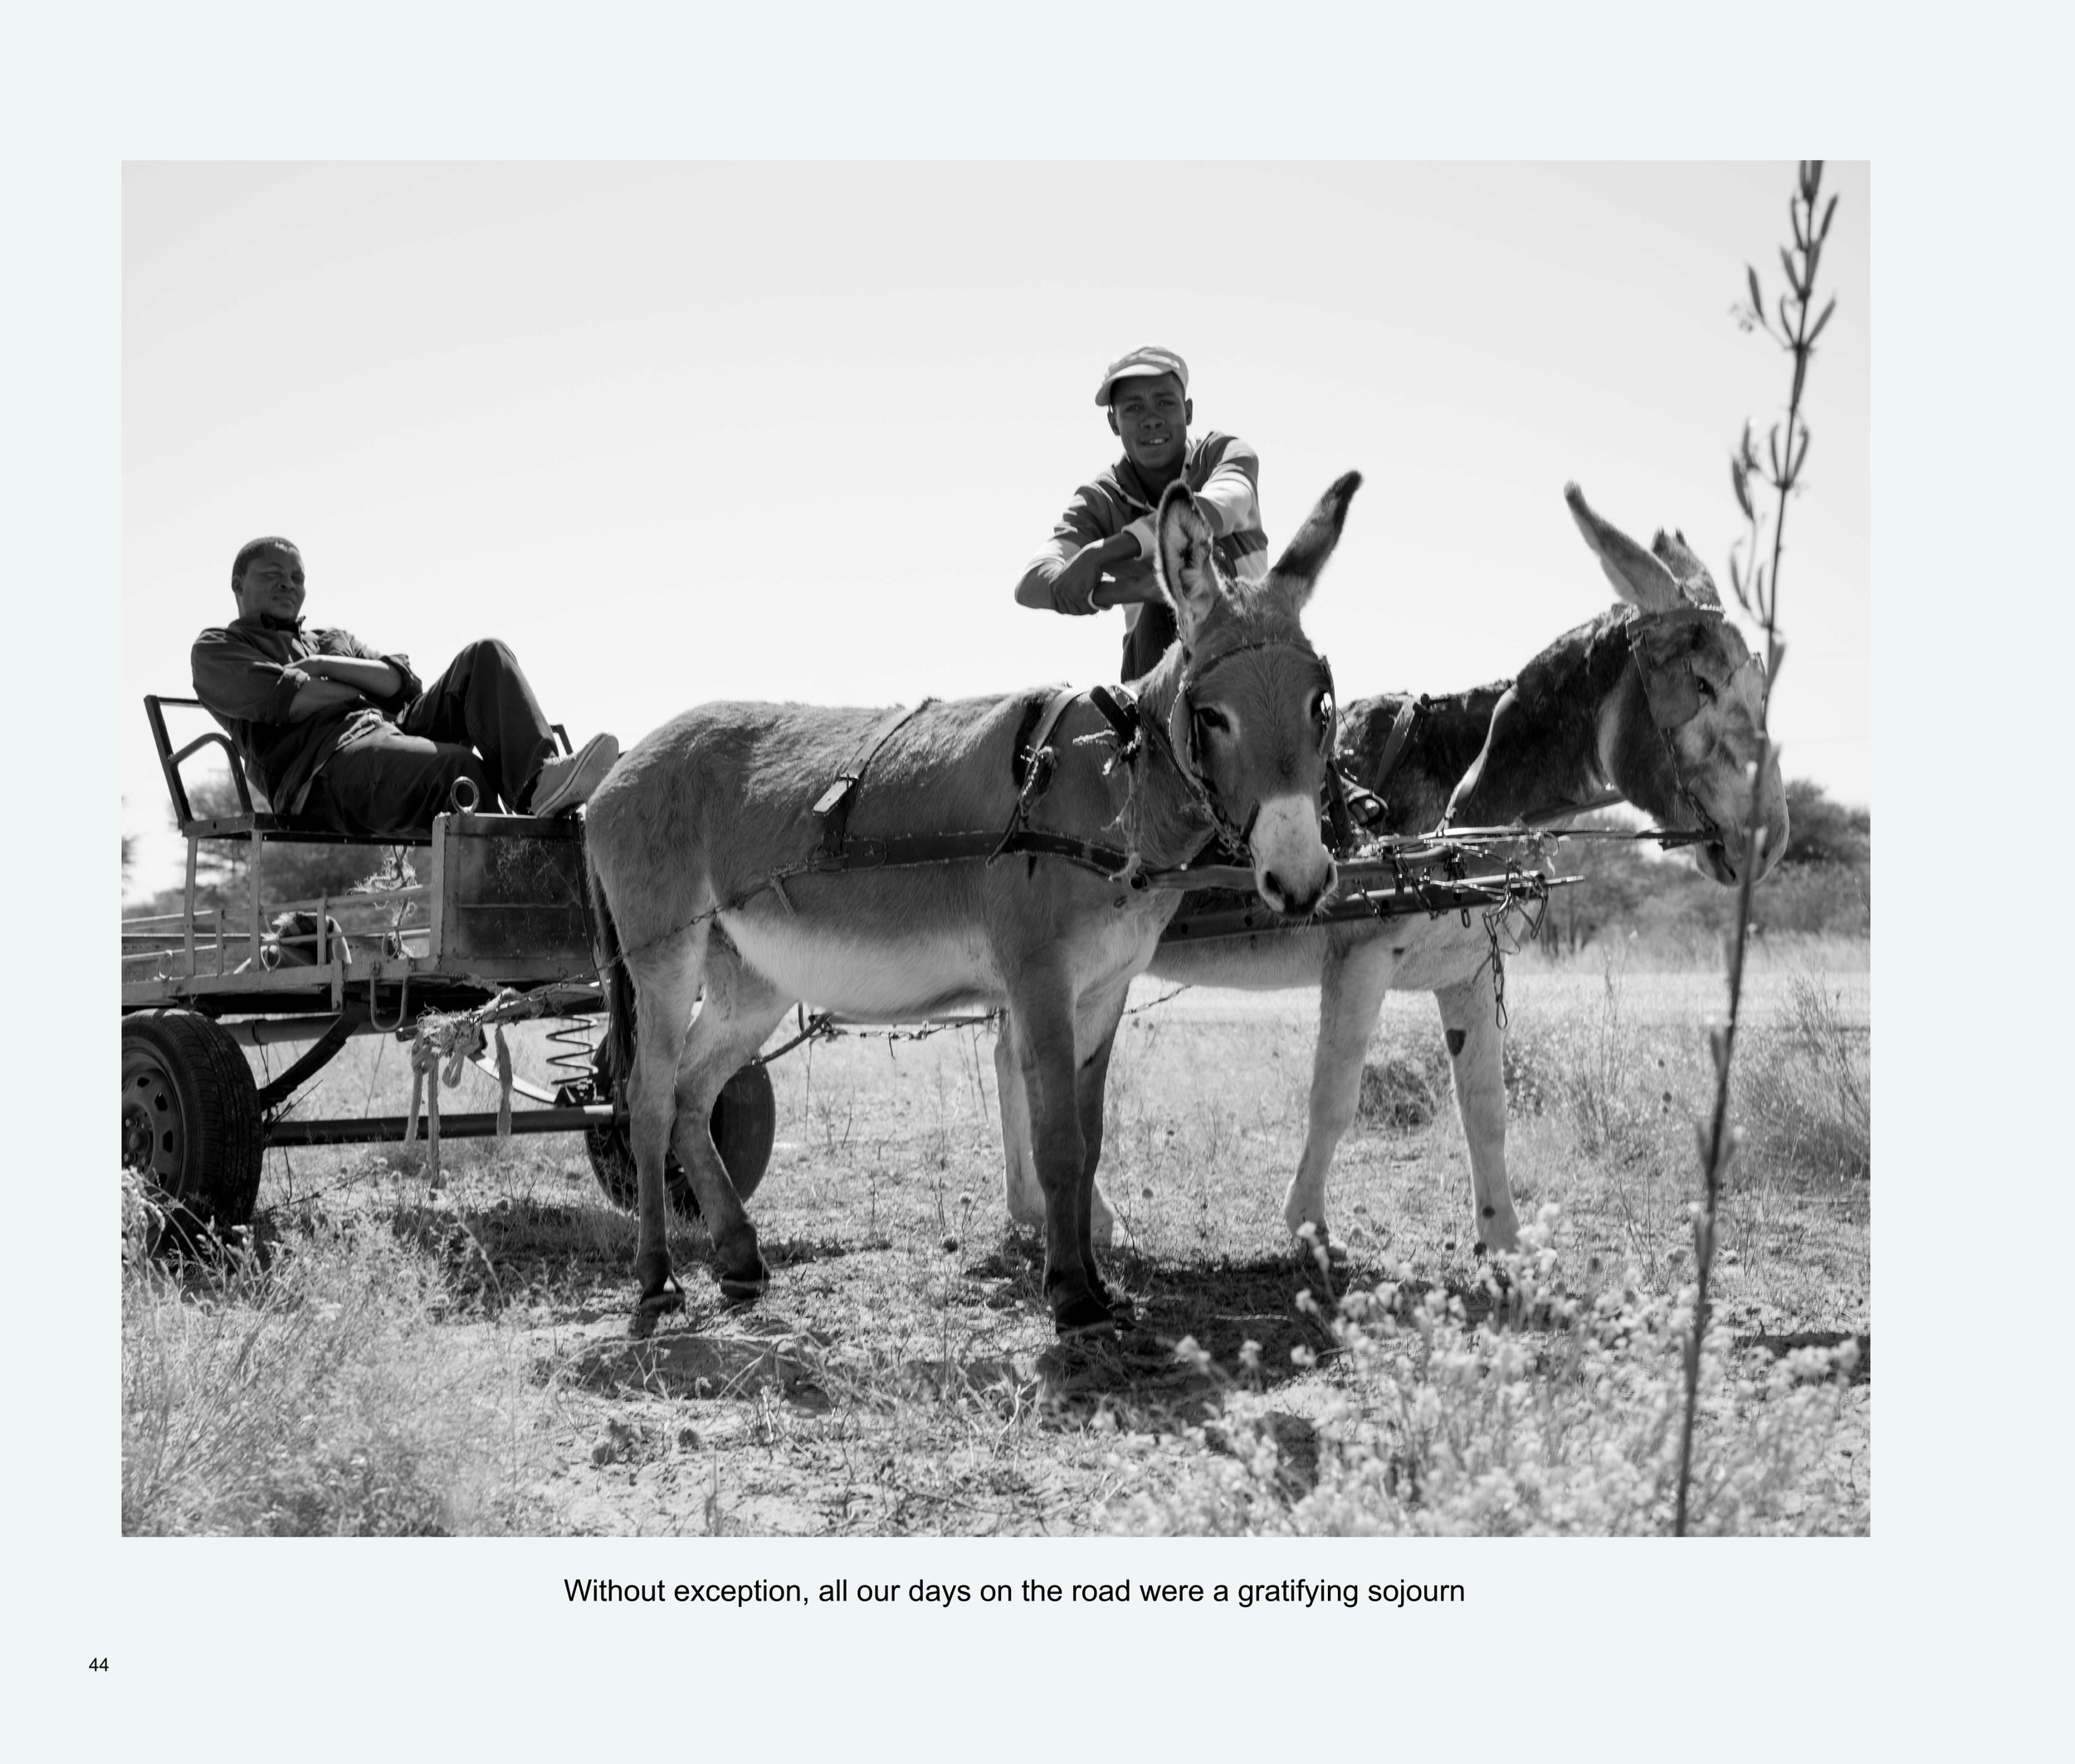 ImagesASouthernAfricaRoadTrip-46.jpg